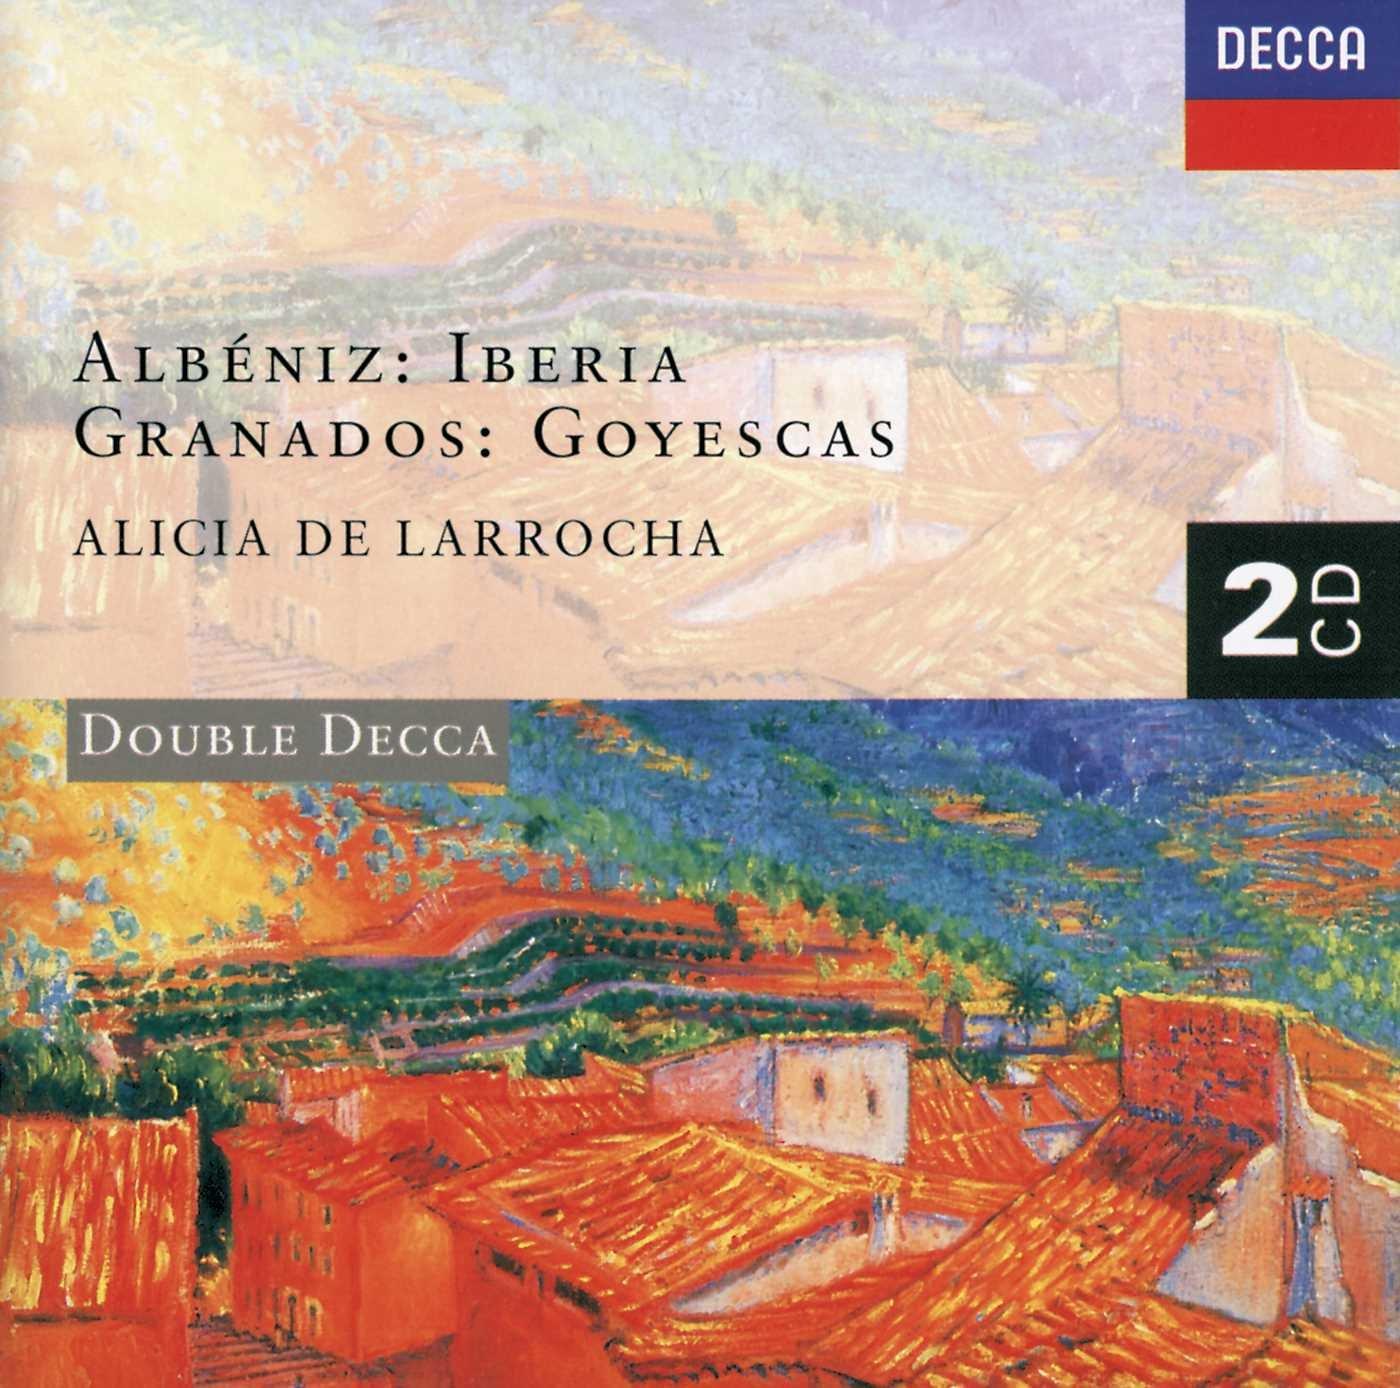 Amazon.com: Albéniz: Iberia / Granados: Goyescas: Music